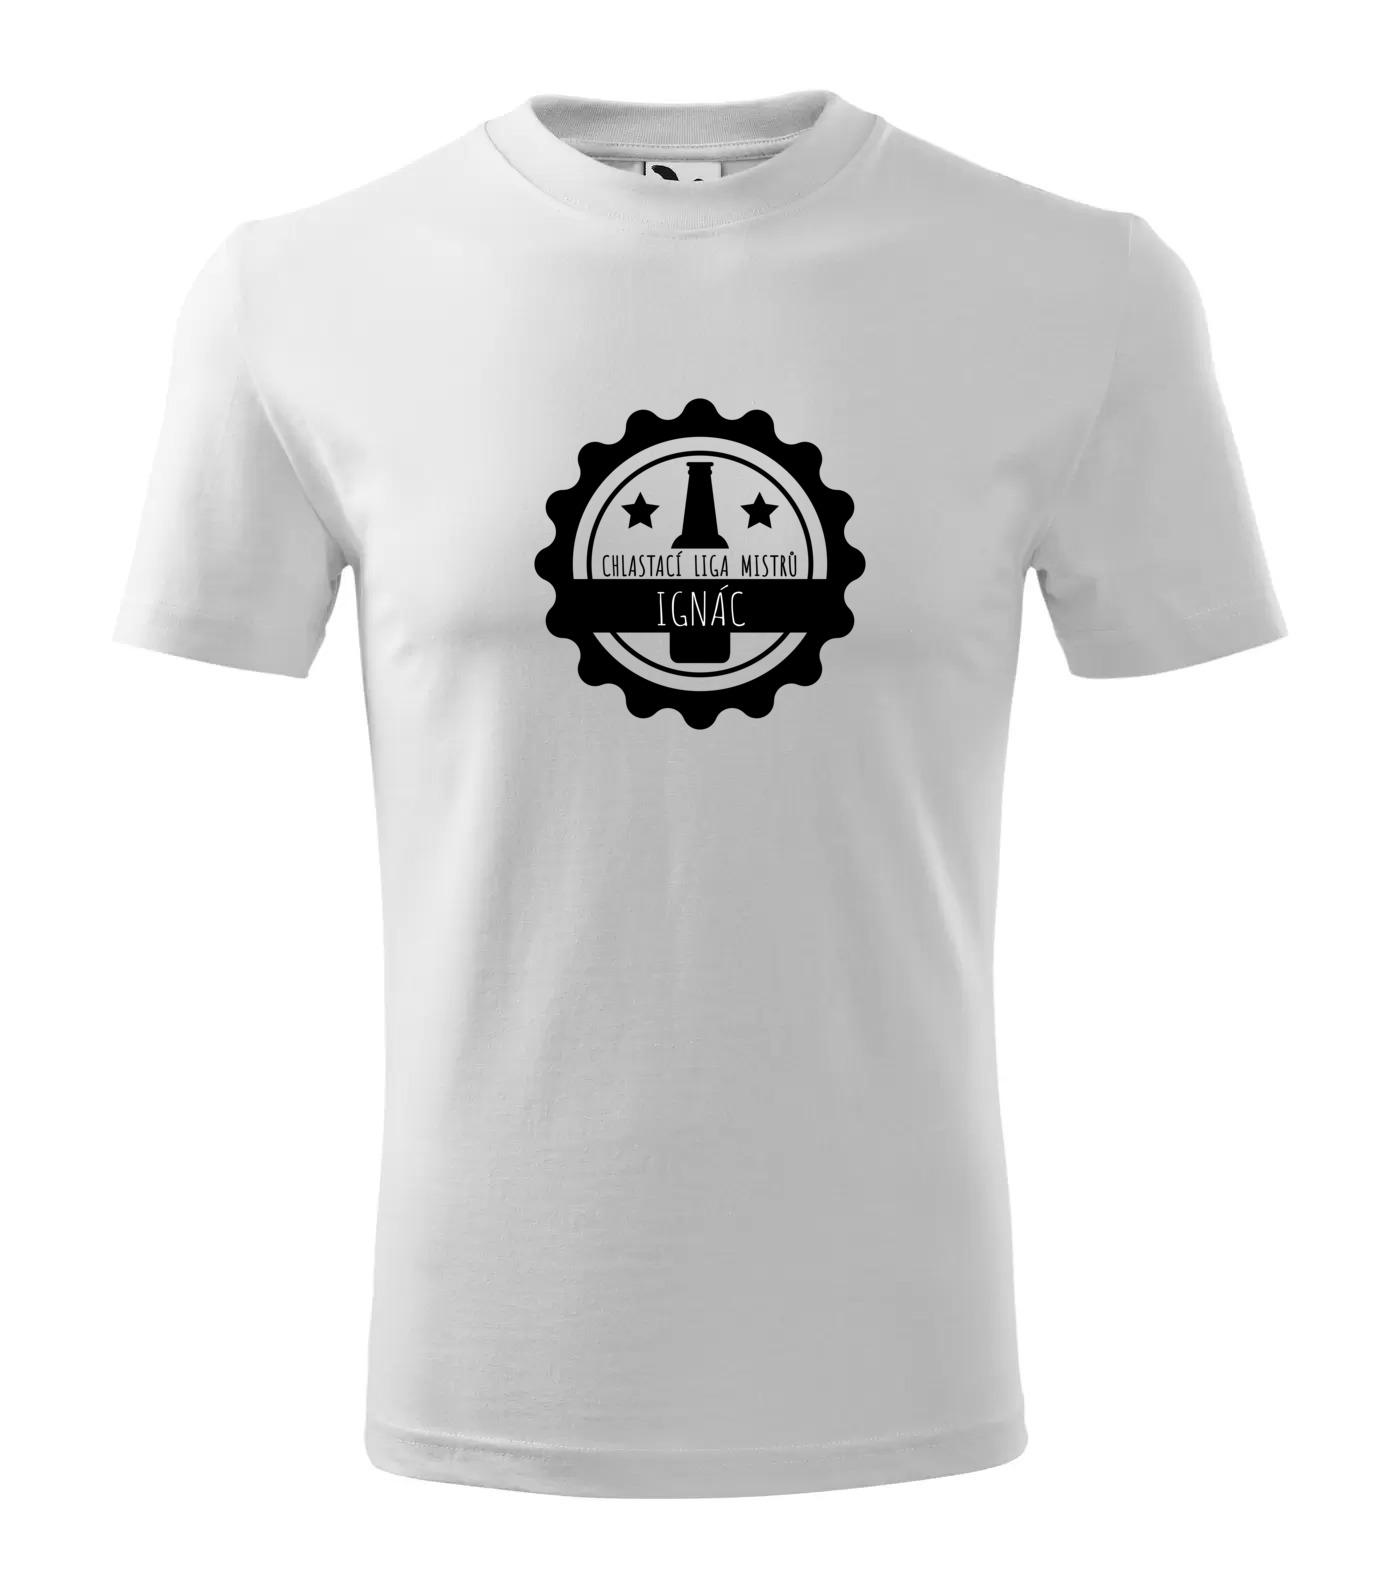 Tričko Chlastací liga mužů Ignác